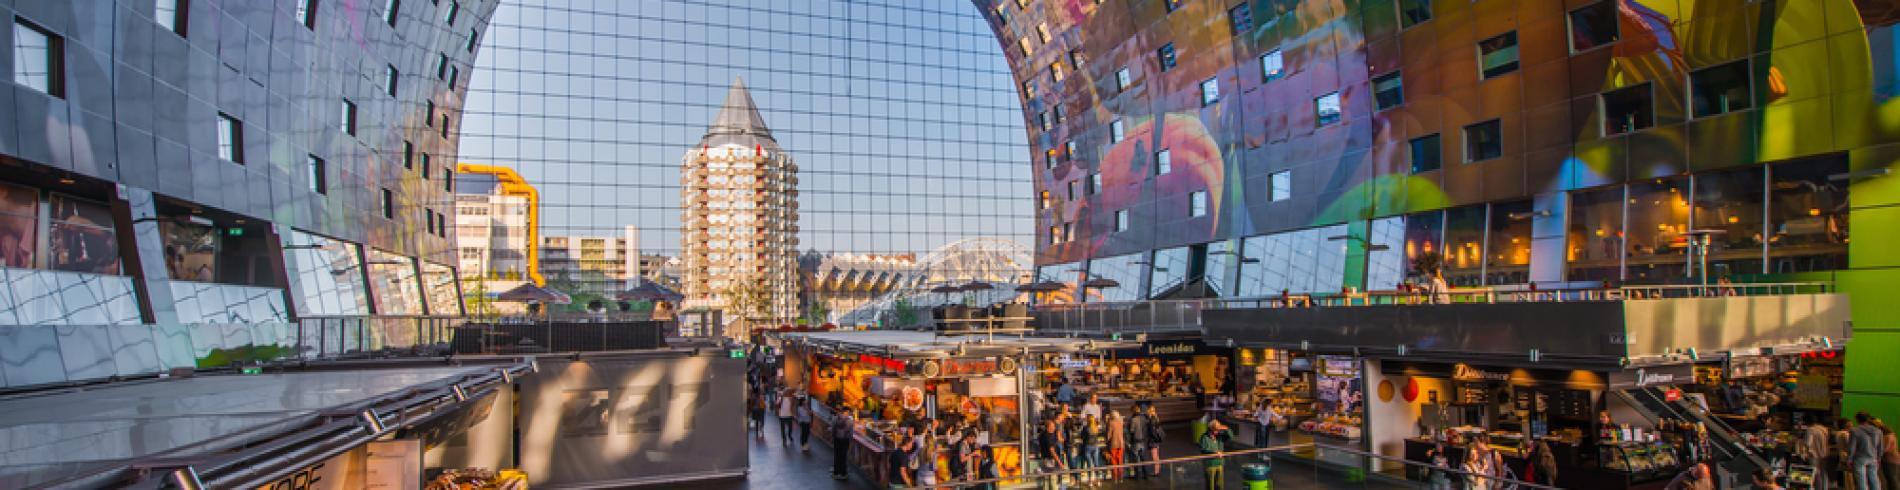 Modern market hall in Rotterdam